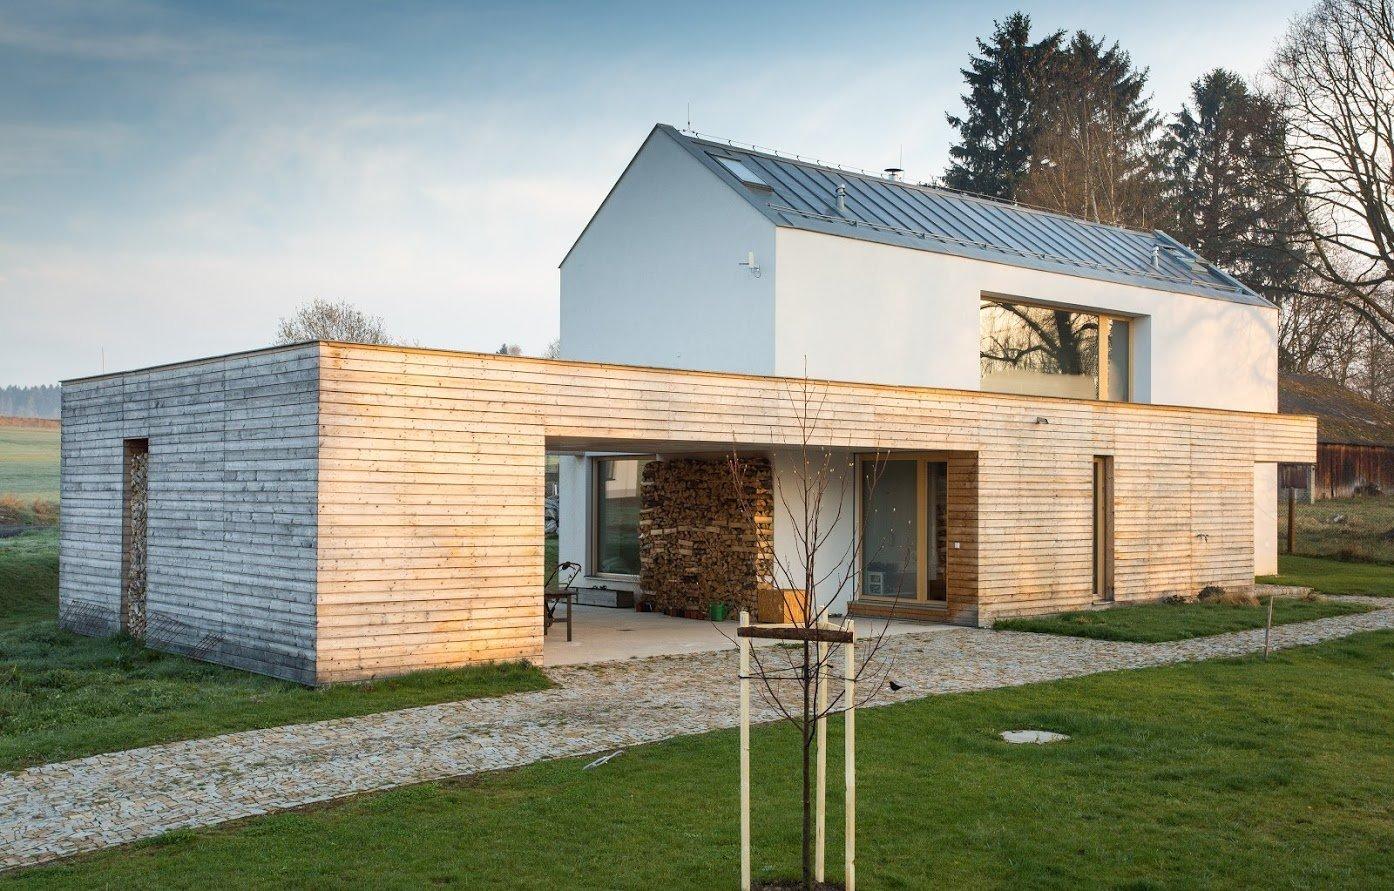 Přáním majitelů tohoto domu bylo vytvořit takový dům, který by respektoval původní venkovskou architekturu, ale zároveň nabízel i moderní prvky, jež jim poskytne potřebný komfort k bydlení. Dům se nachází v městečku u Pelhřimova.